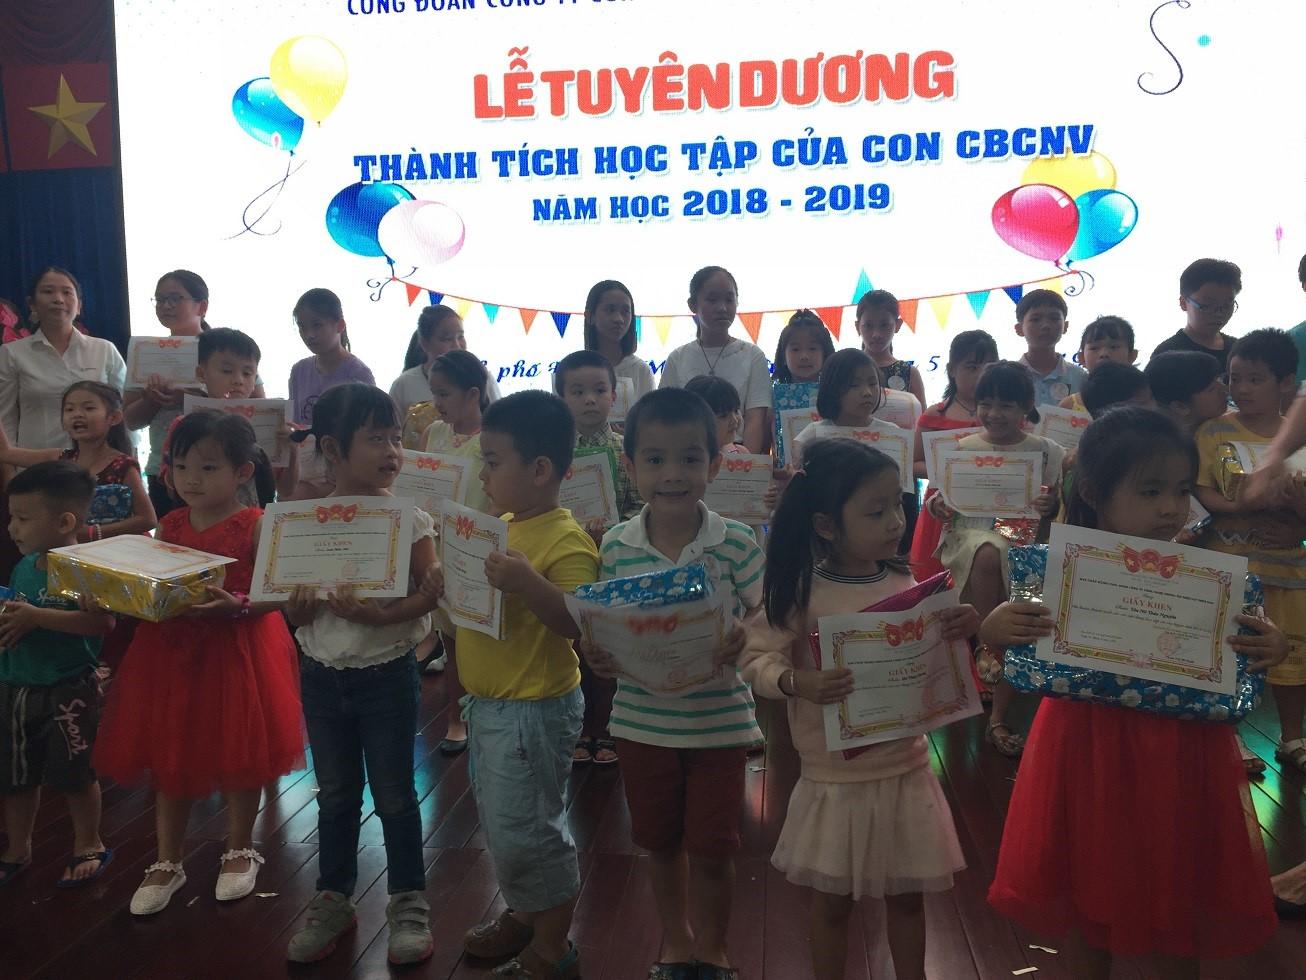 Khen thưởng cho thành tích học tập tốt, bé khỏe bé ngoan